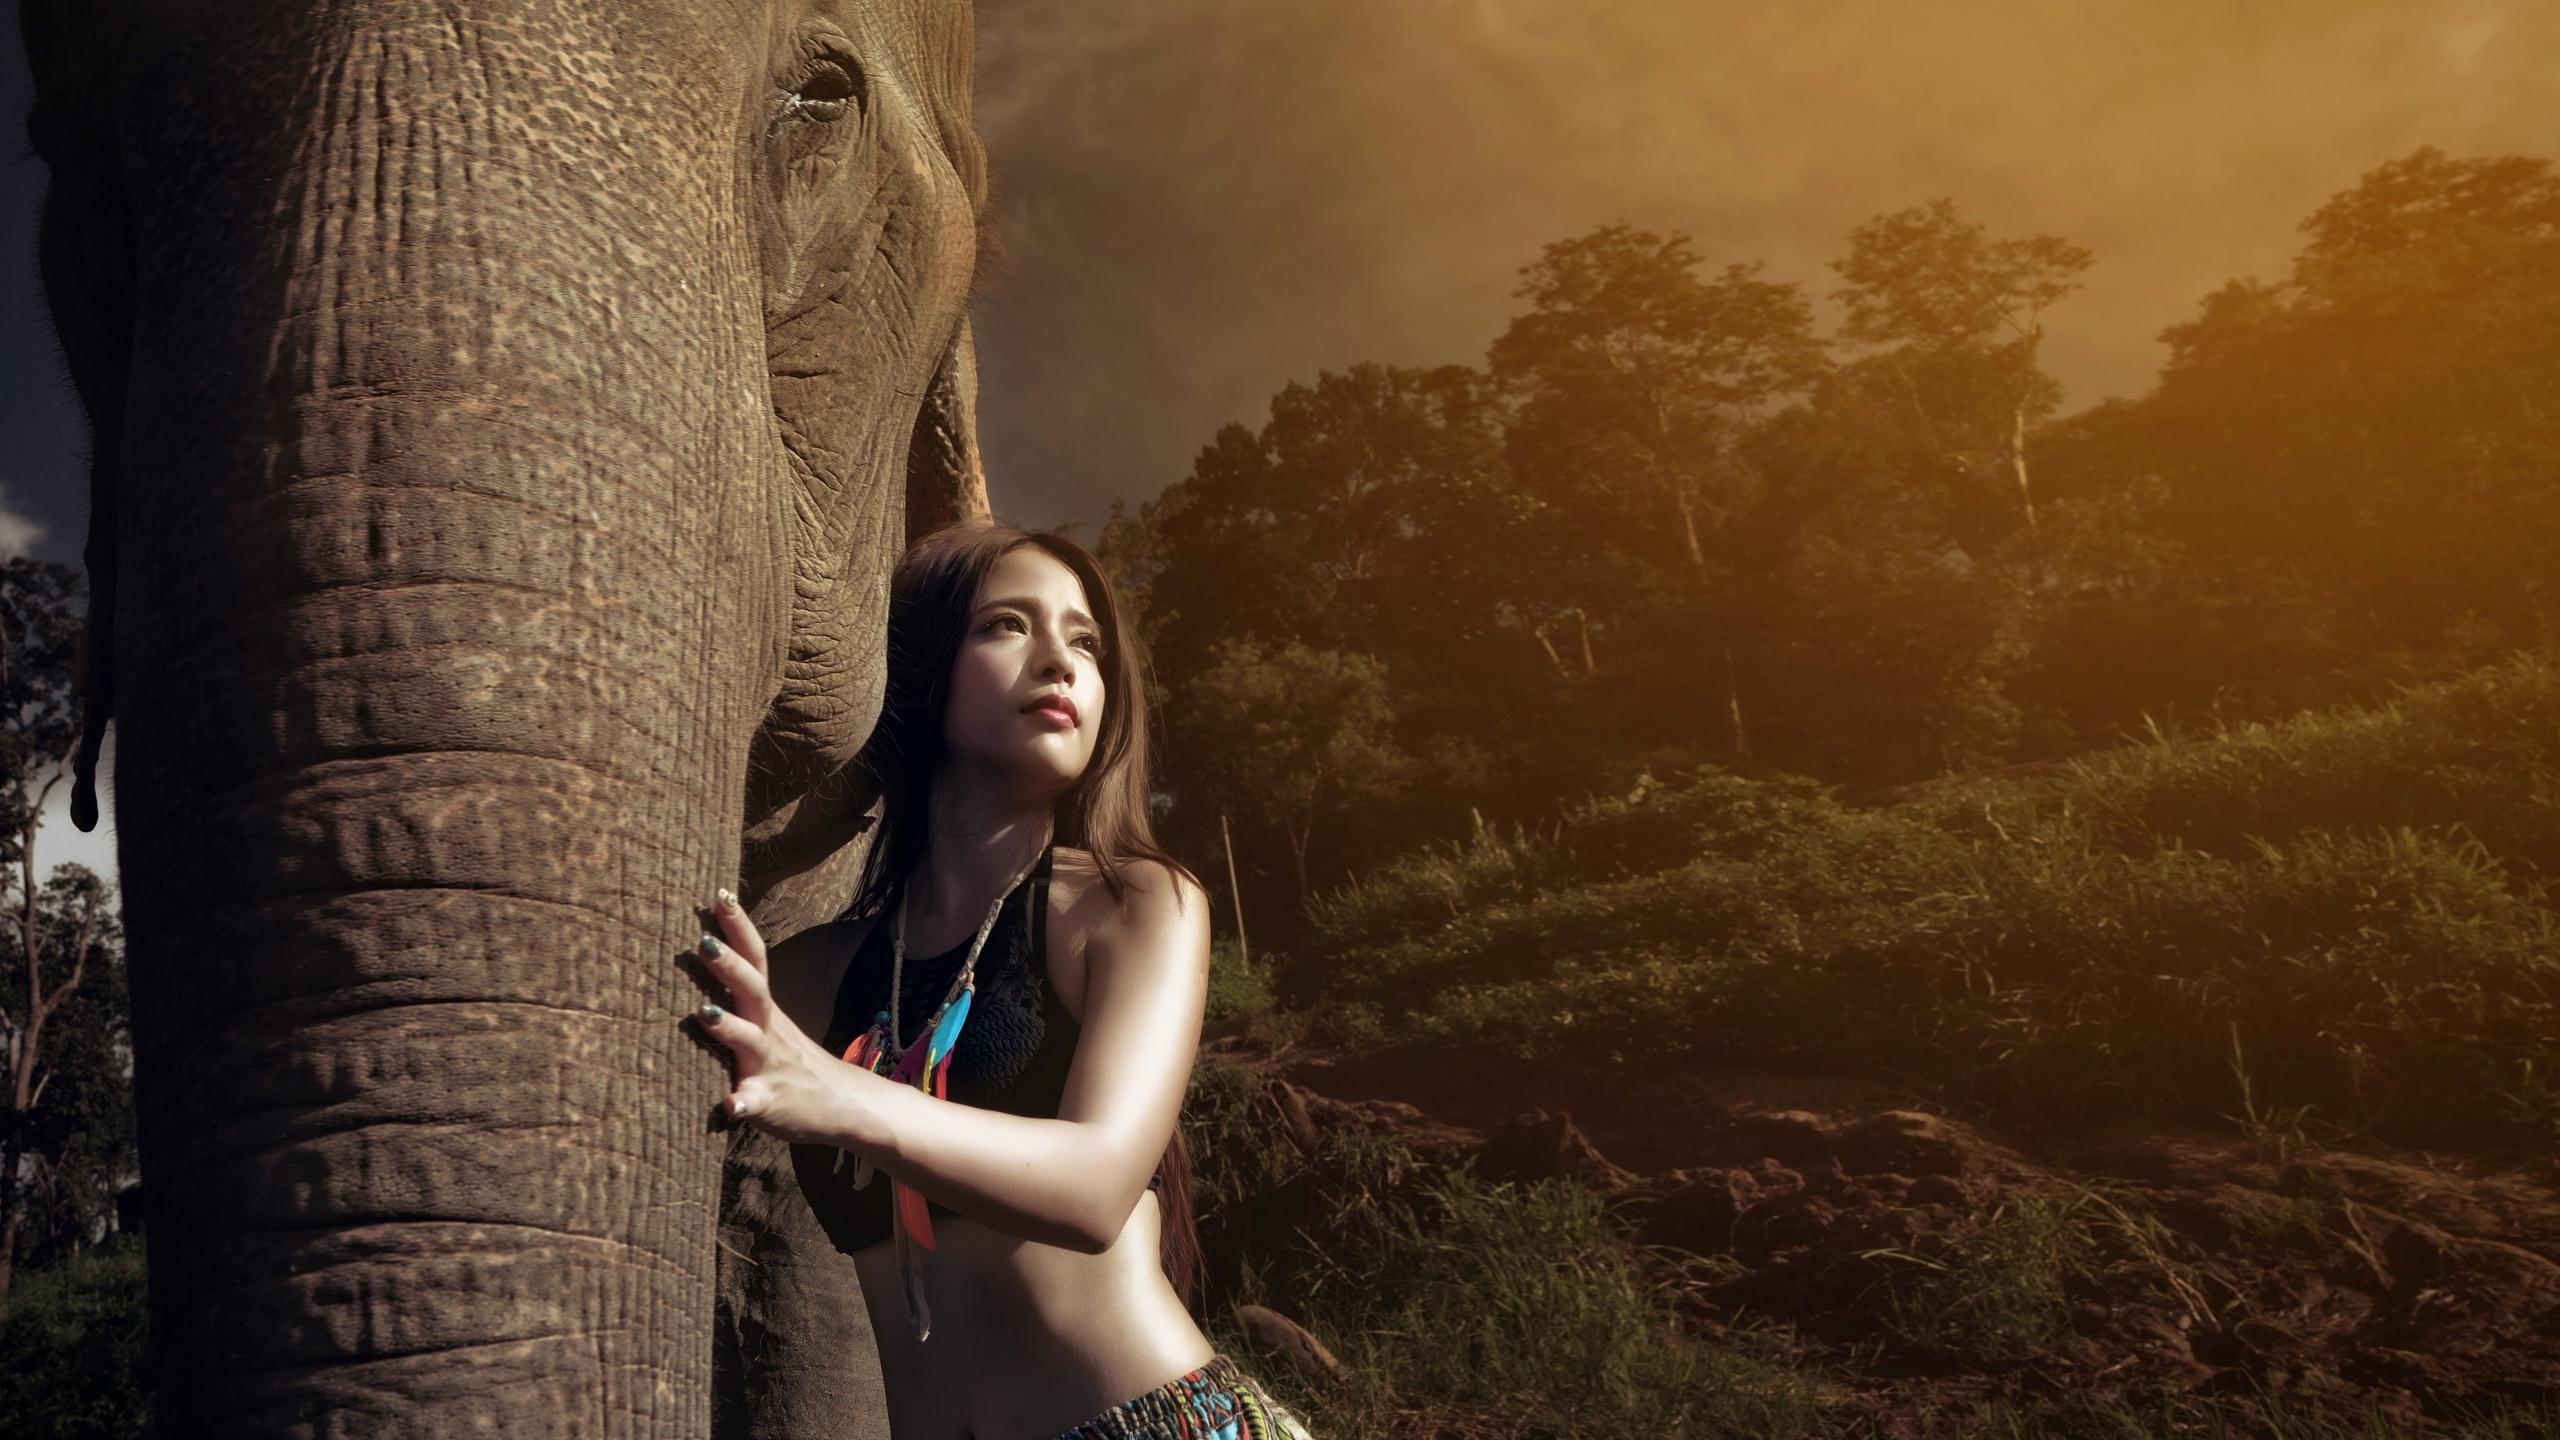 девушка, модель, позирует, азиатка, слон